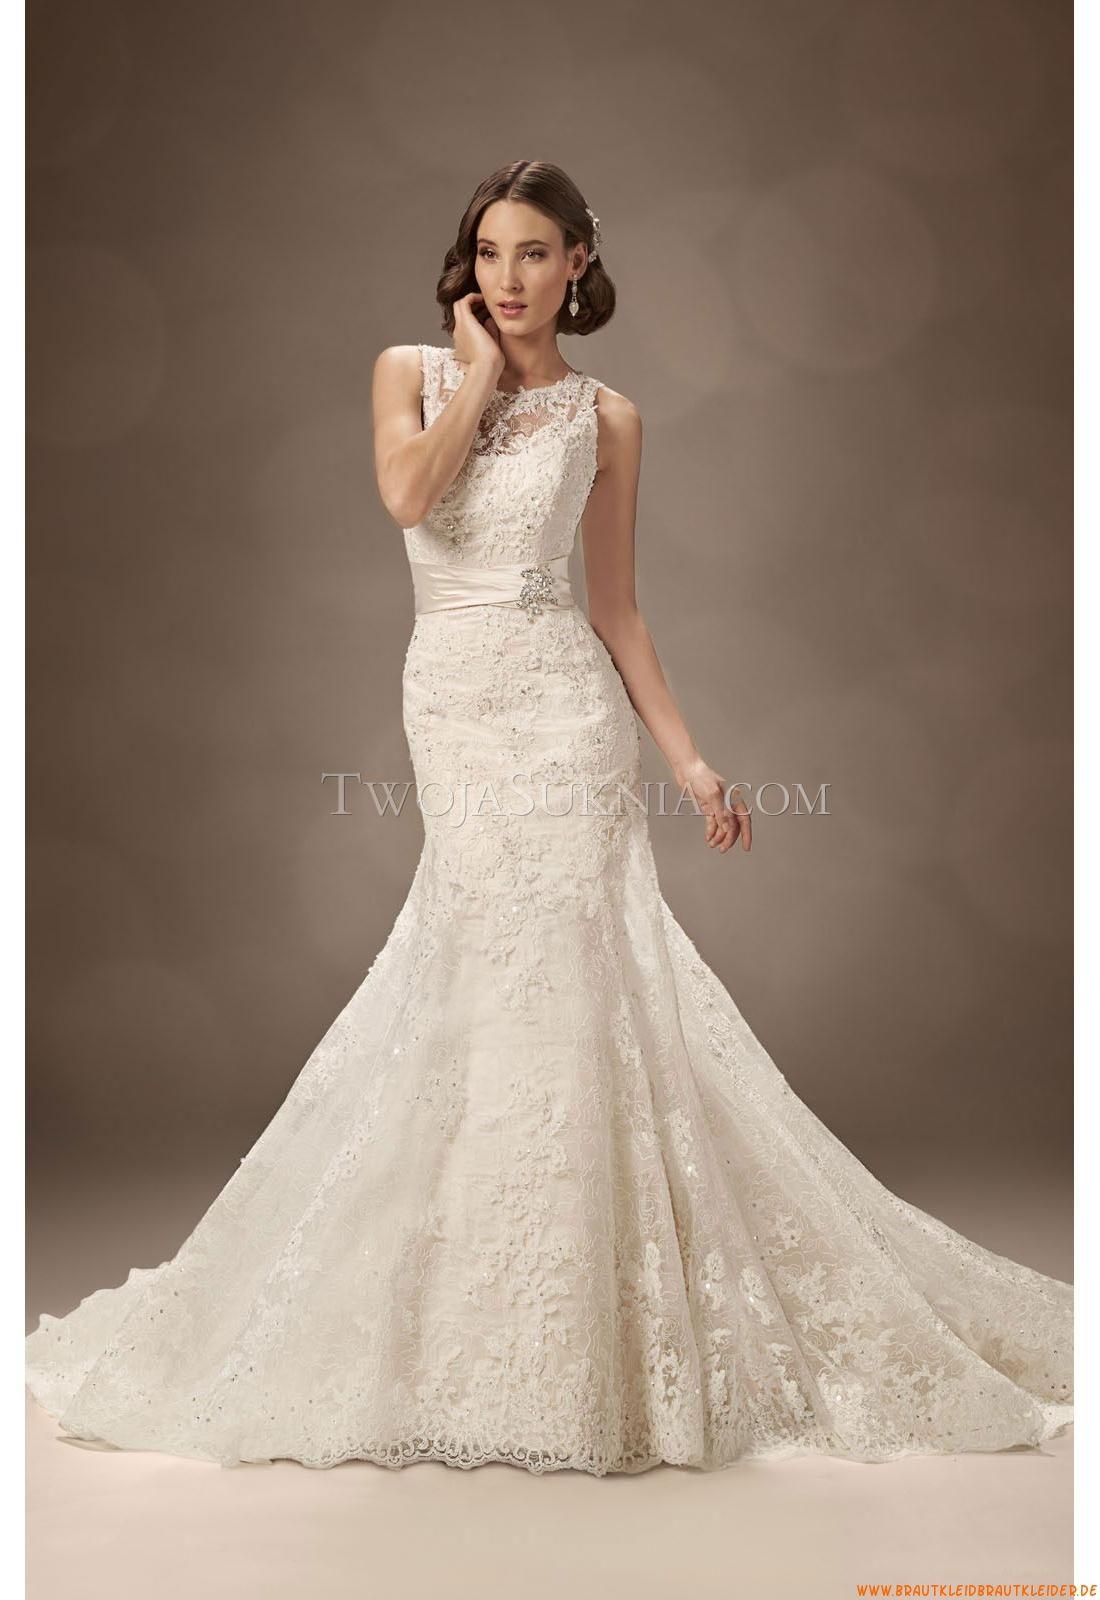 Kristall Designer Brautkleider | Hochzeitskleider | Pinterest ...